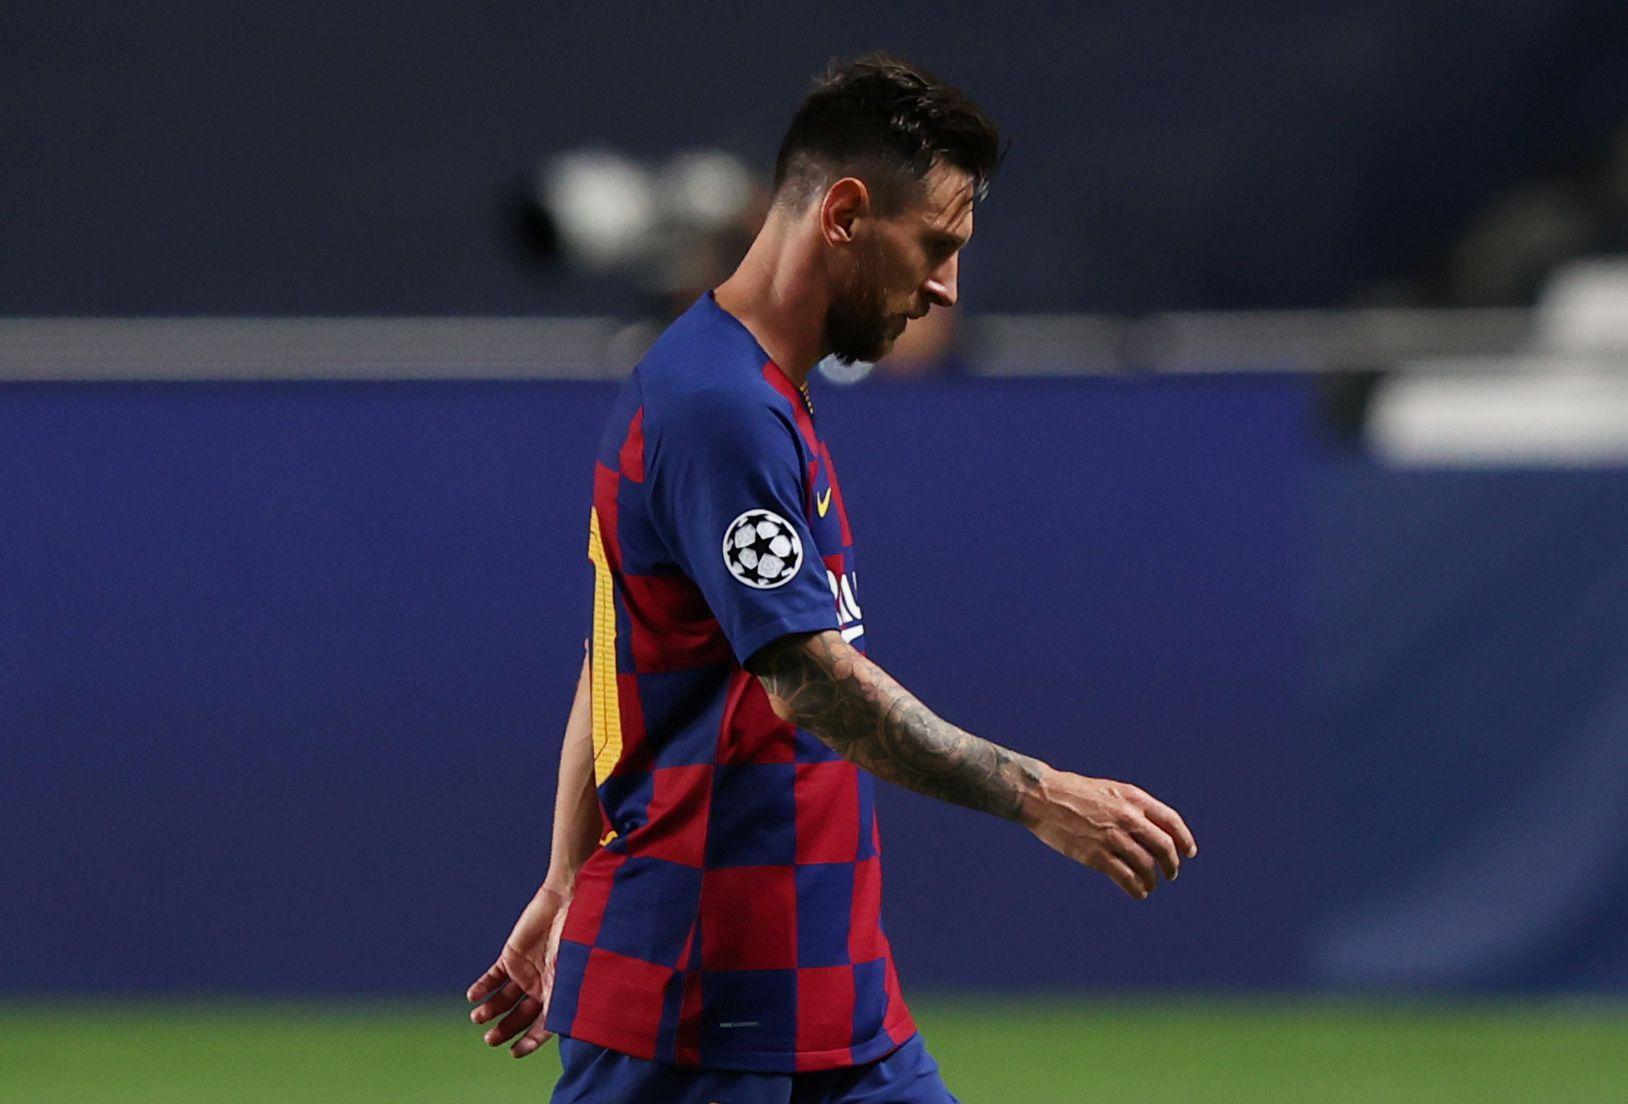 El equipo de Lionel Messi recibió una goleada histórica y fue eliminado de la Champions League (REUTERS/Rafael Marchante/Pool)